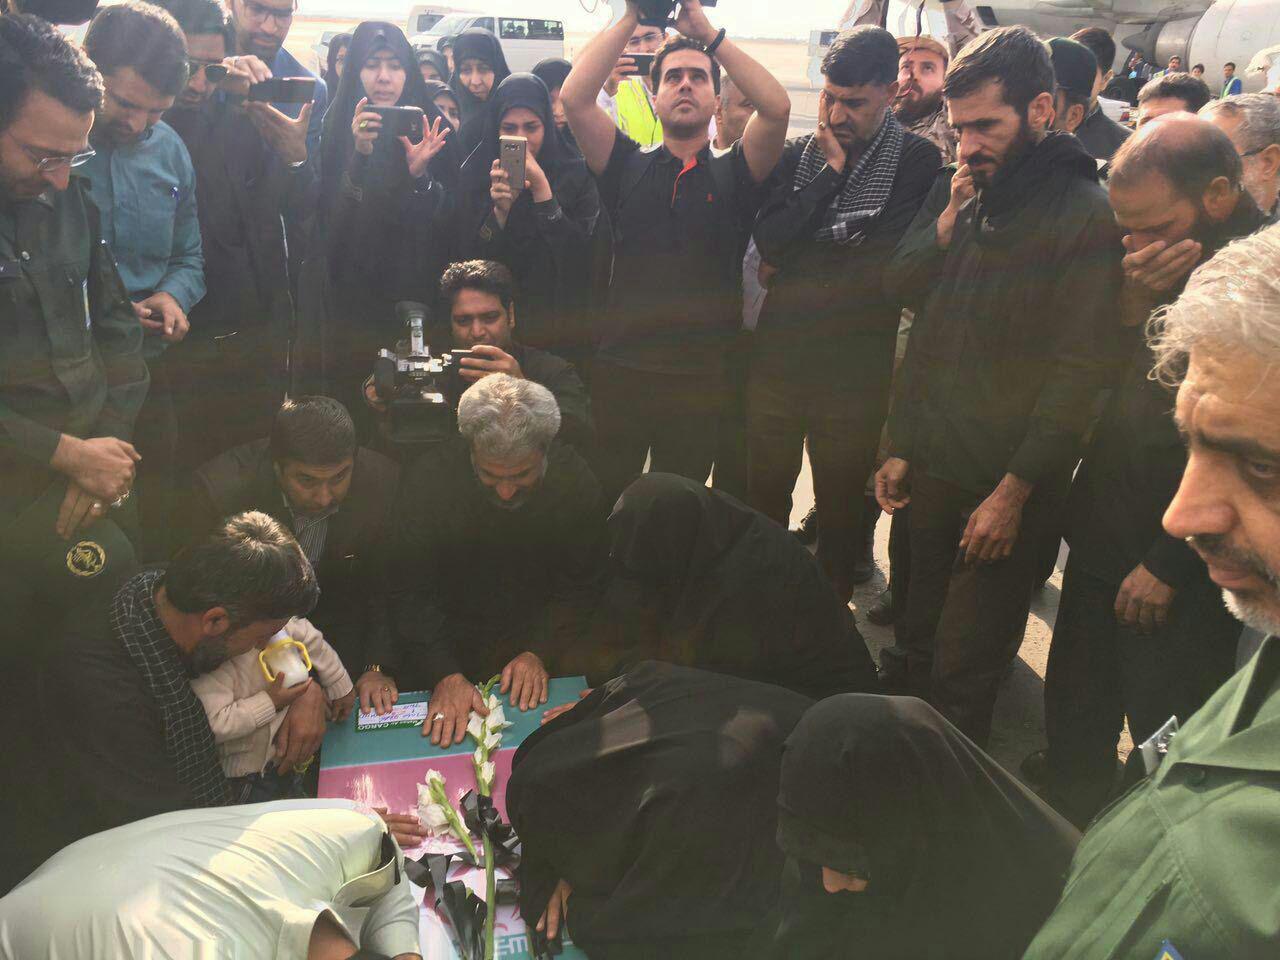 ورود پیکر شهید حججی به فرودگاه مشهد (+عکس)